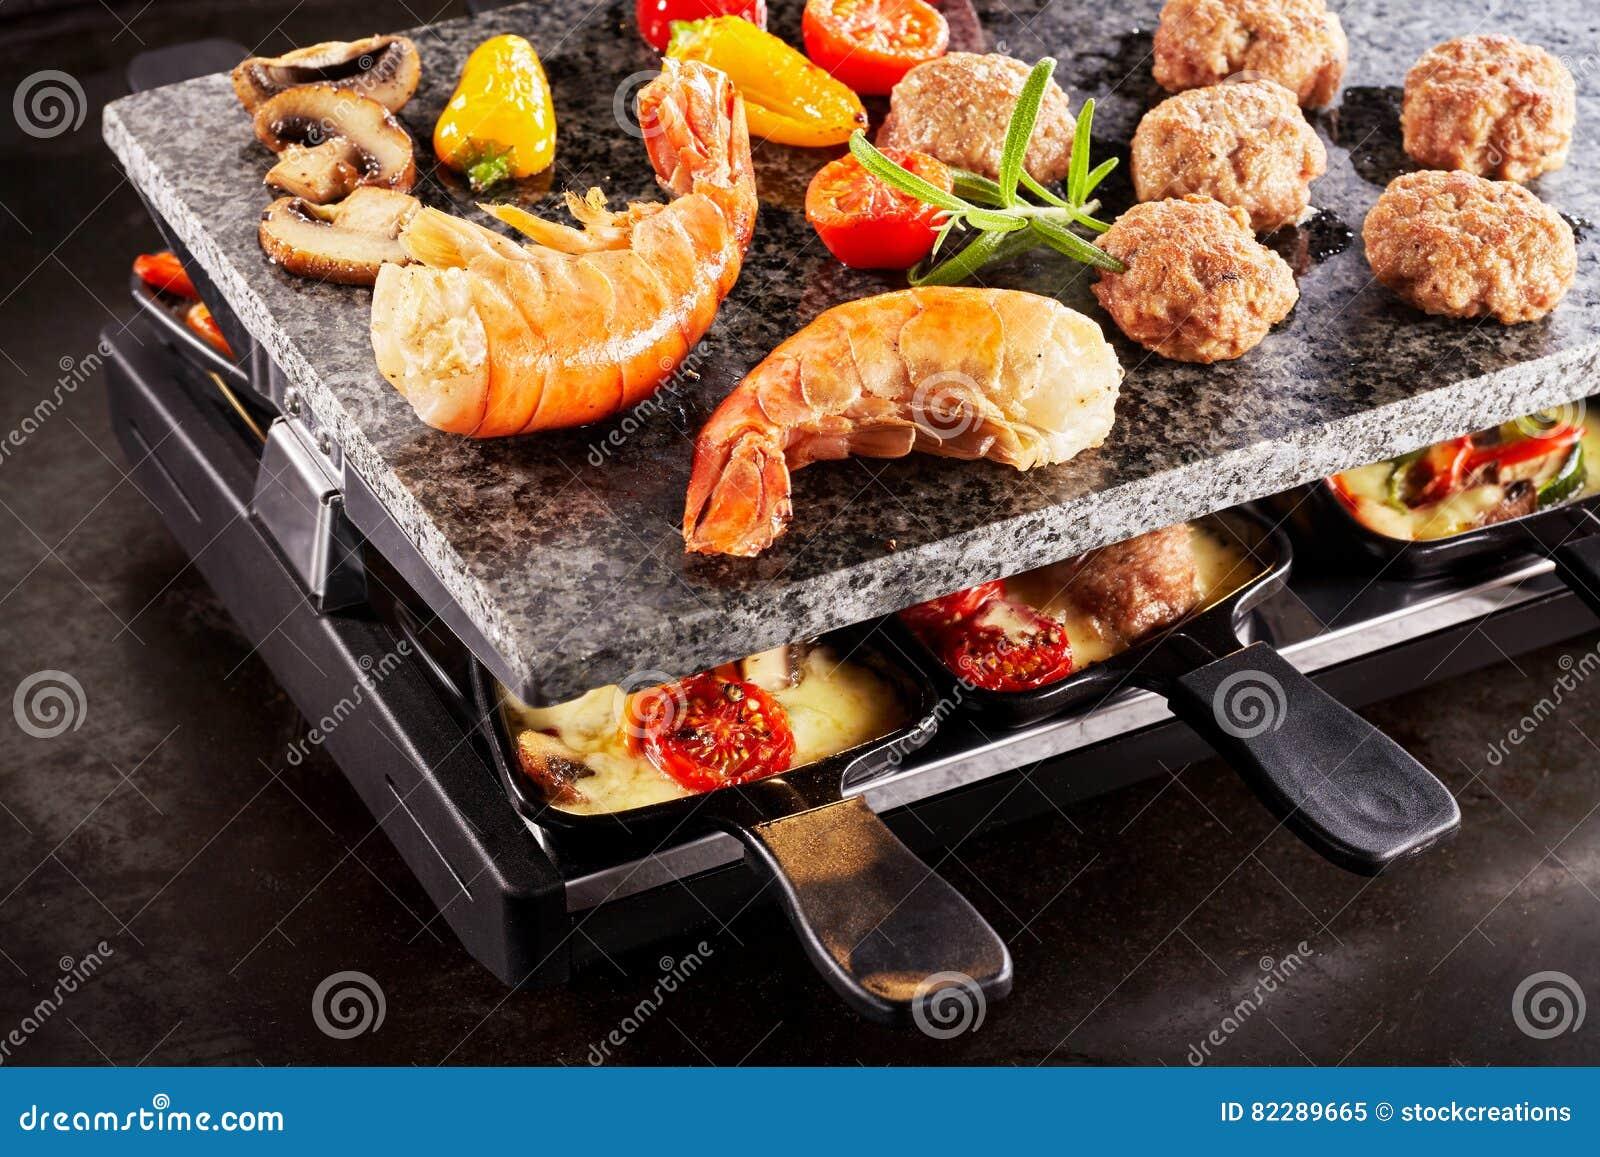 La crevette rose savoureuse coupe la queue la cuisson sur un gril de raclette image stock - Coupe fromage a raclette ...